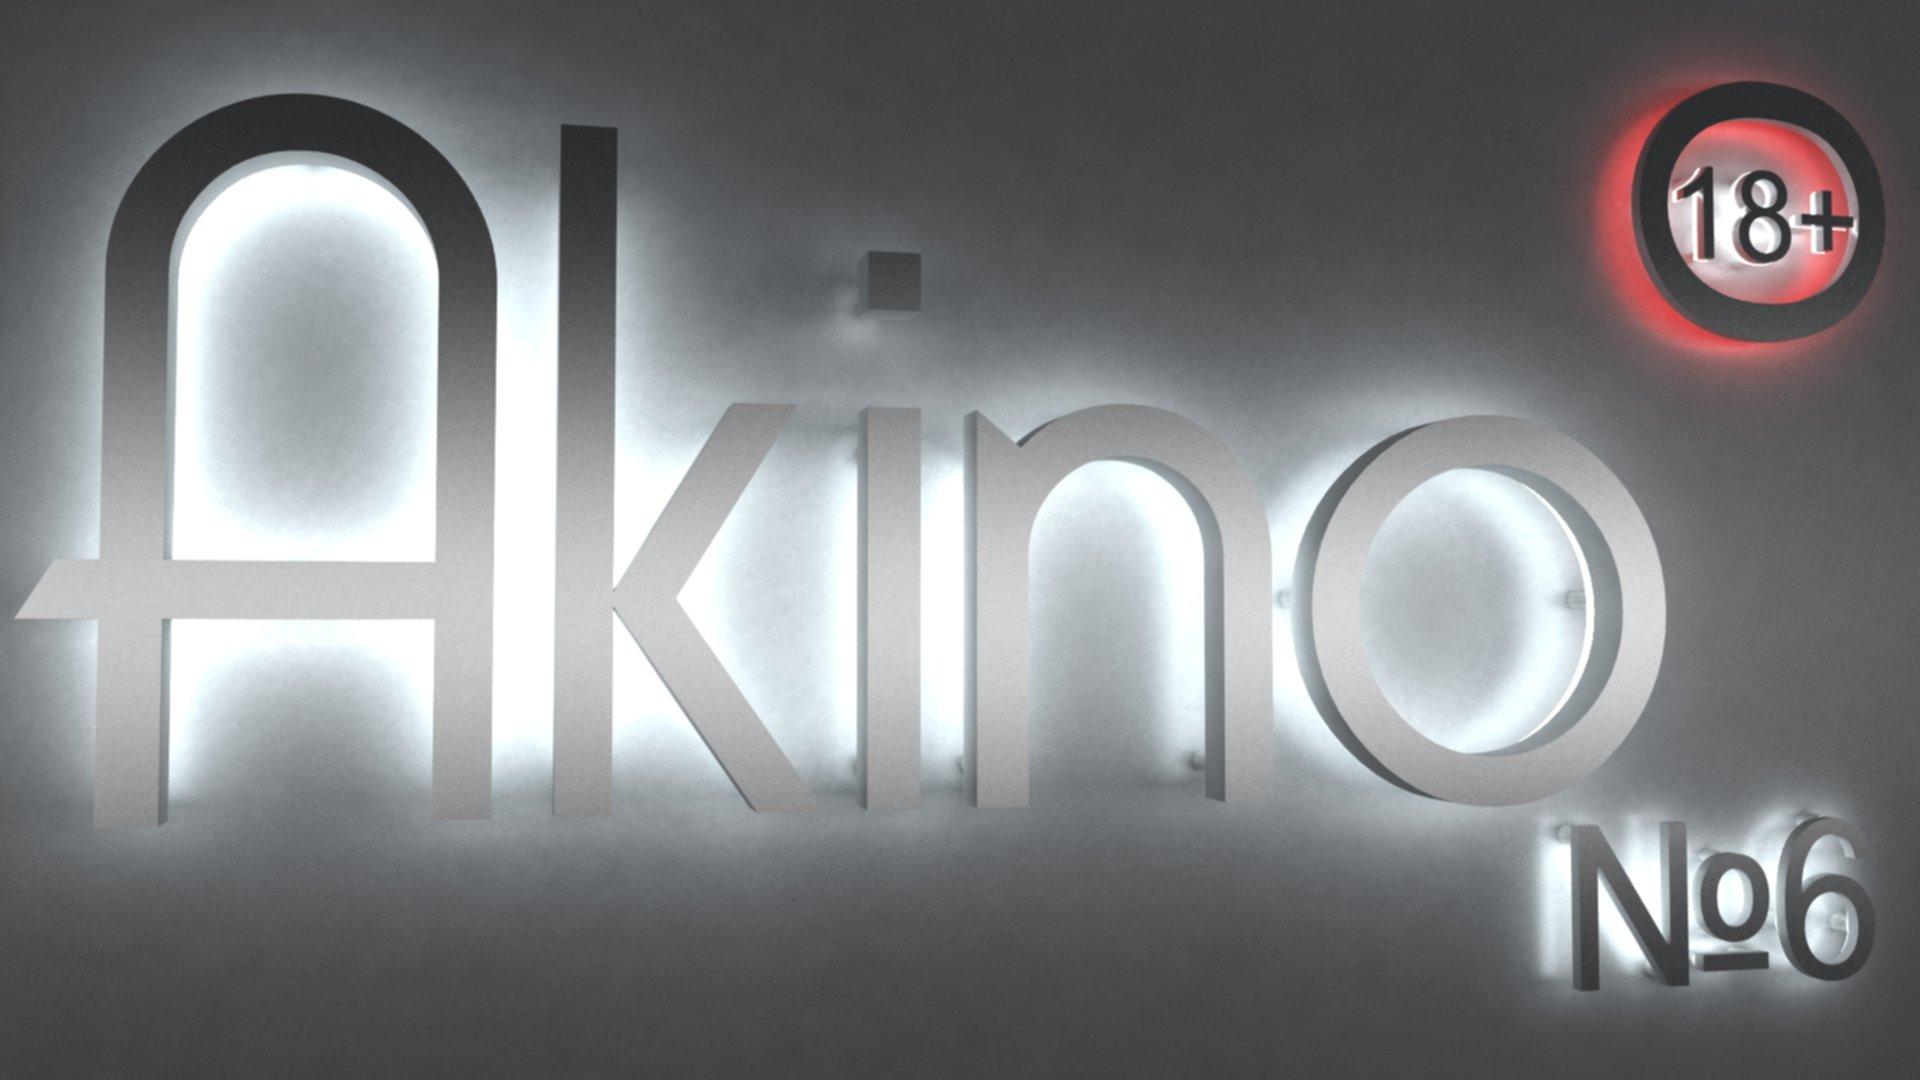 Подкаст AkiNO Выпуск № 6 (18+). - Изображение 1